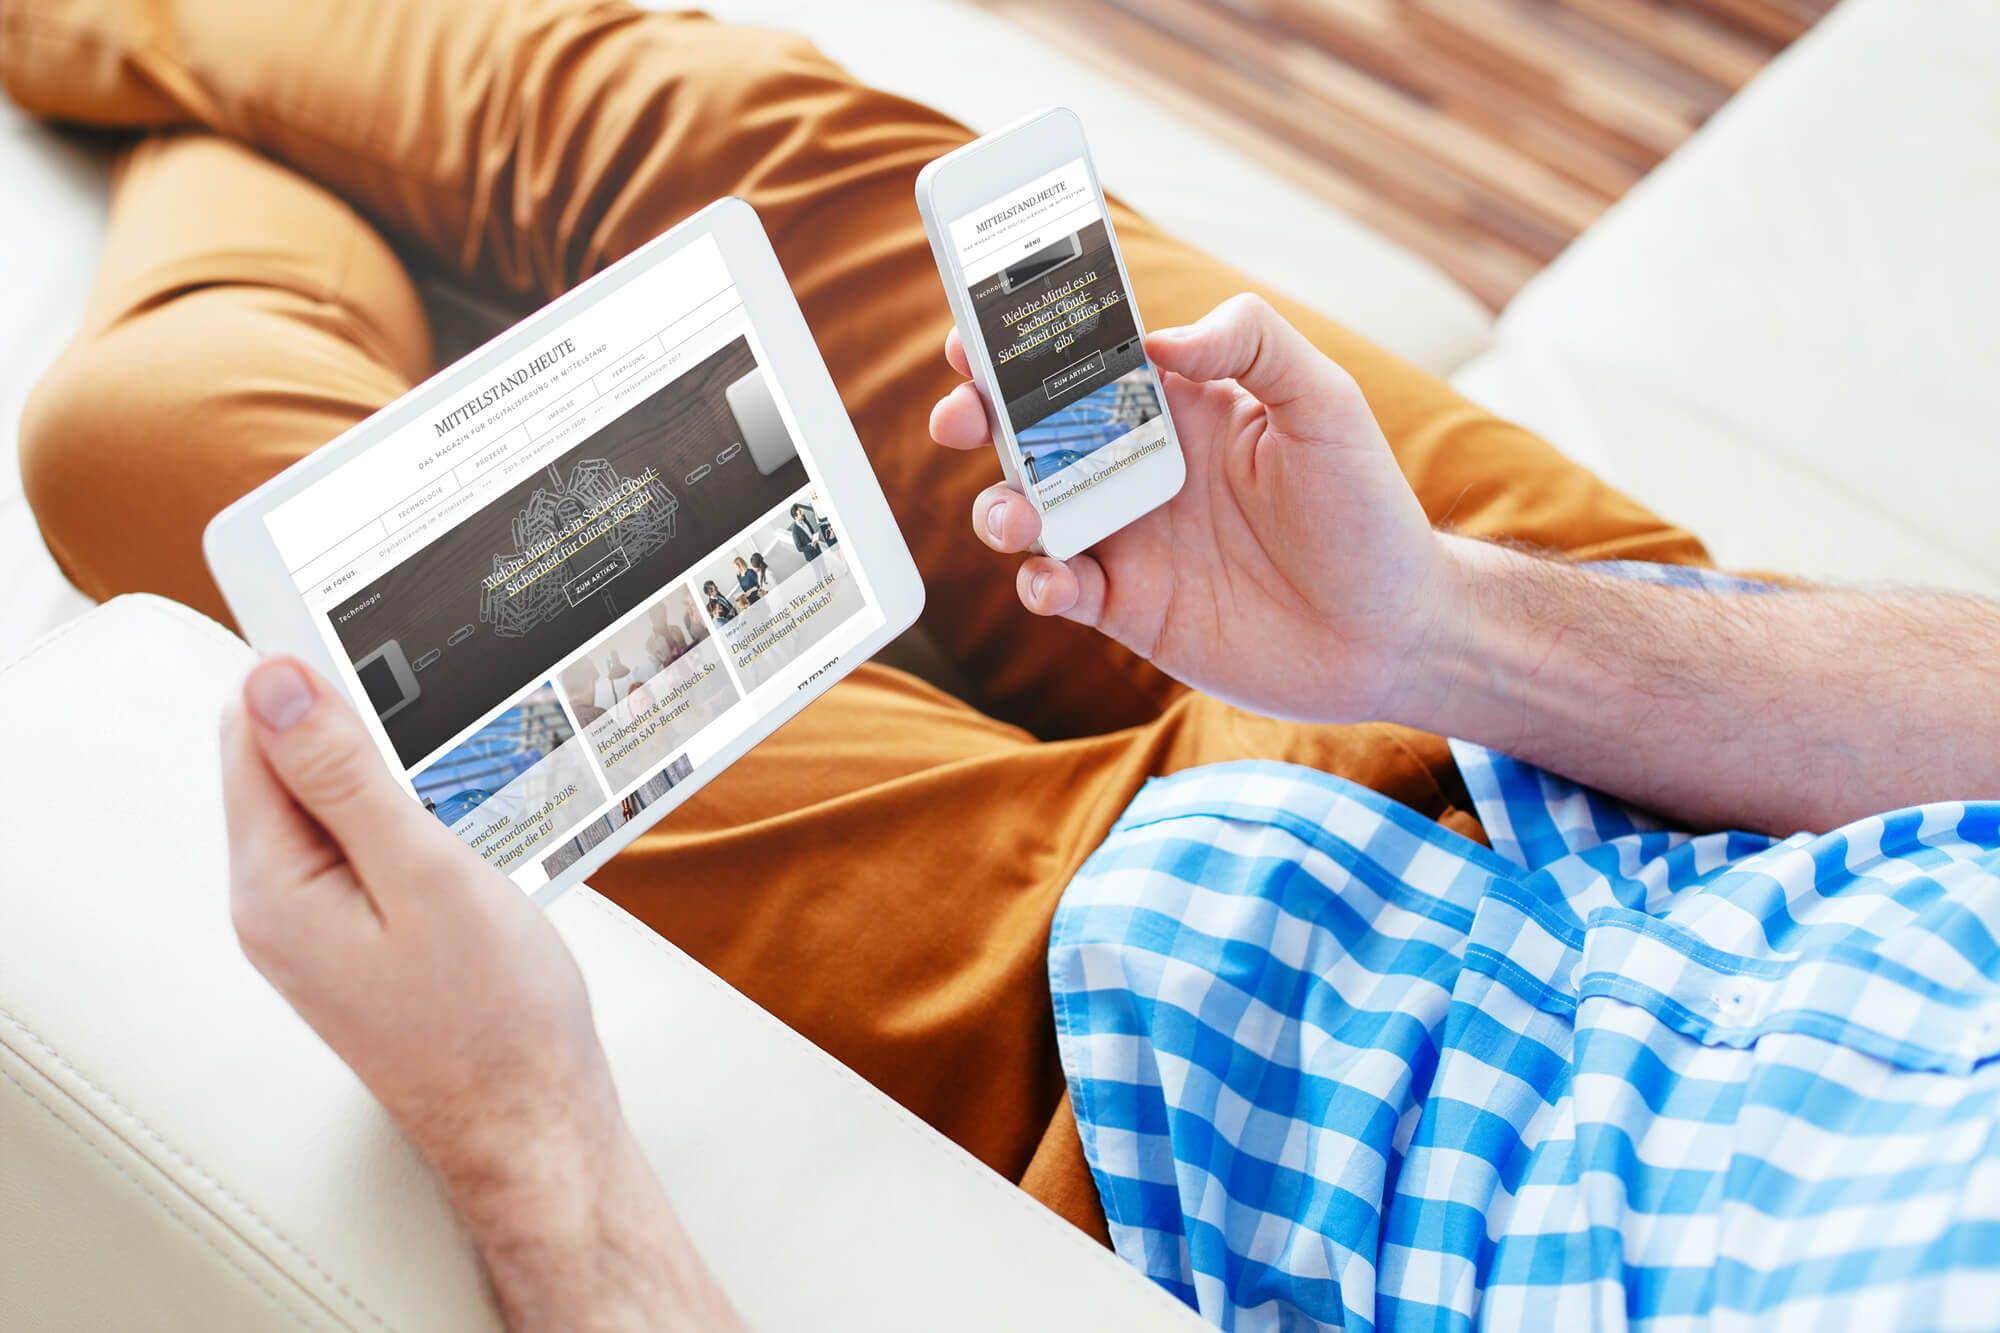 Mittelstand Heute ist das Online Magazin für den Mittelstand und mittelständische Unternehmen